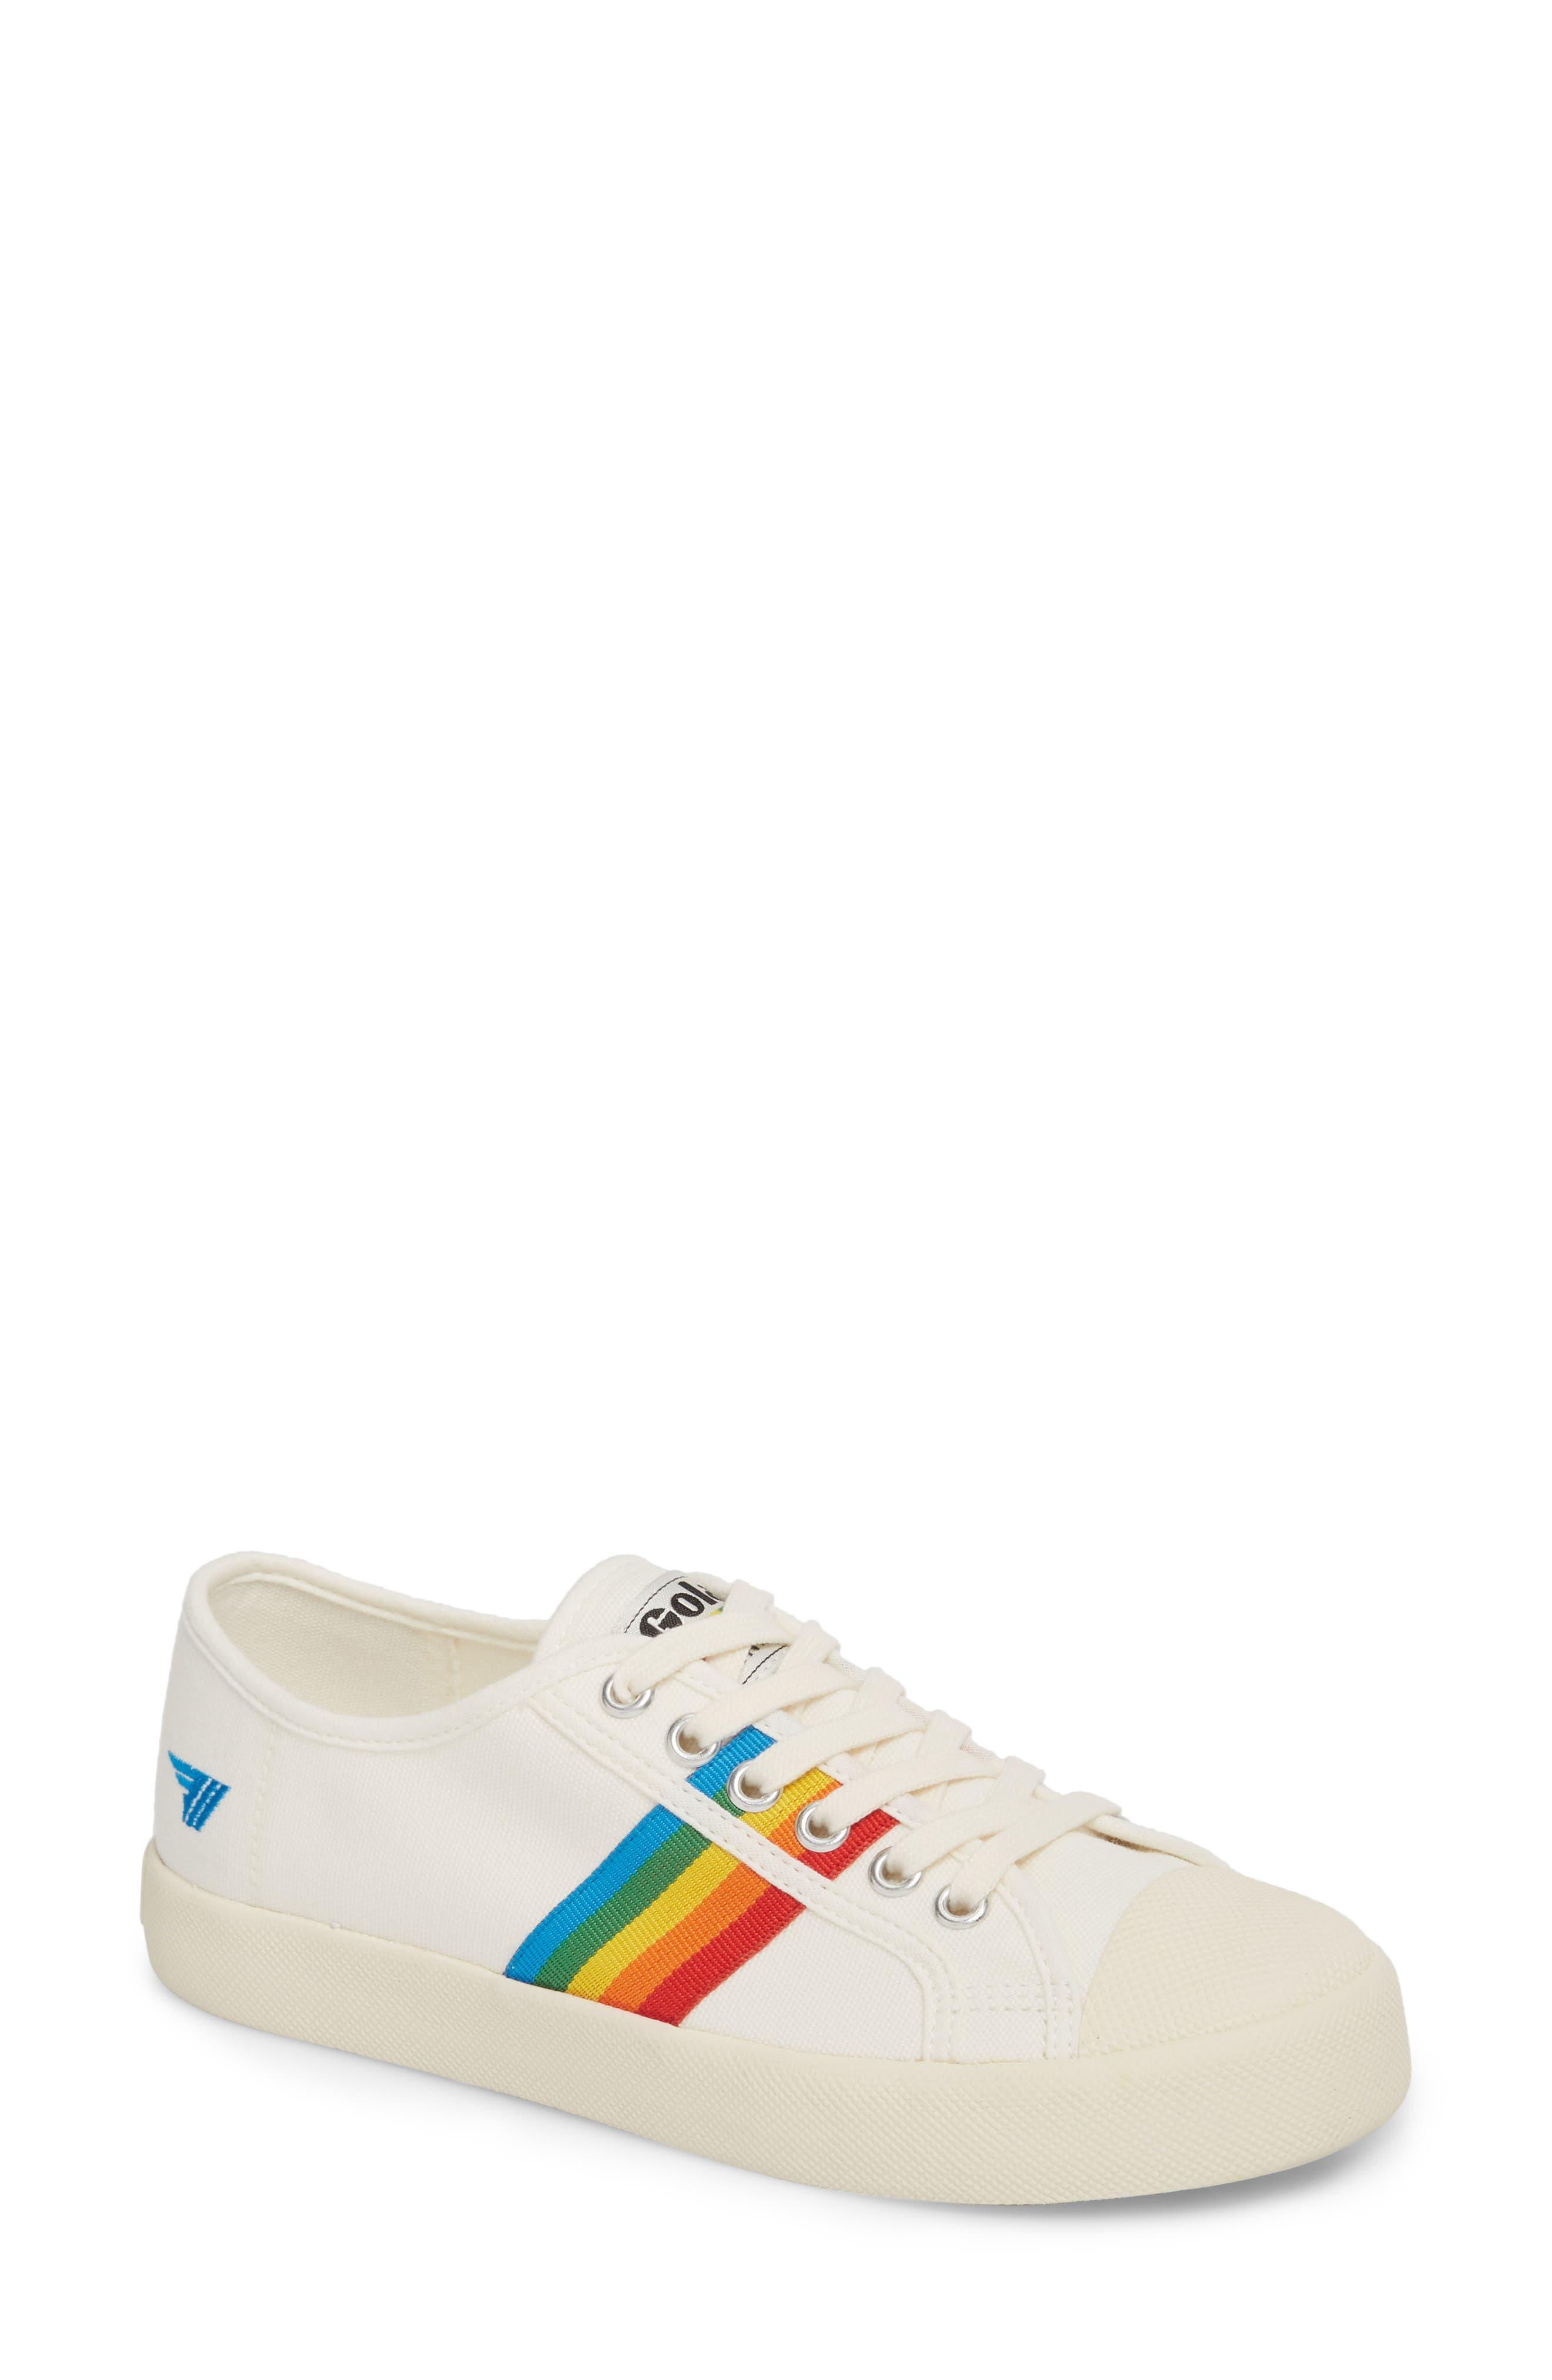 Coaster Rainbow Striped Sneaker,                         Main,                         color, OFF WHITE/ MULTI CANVAS